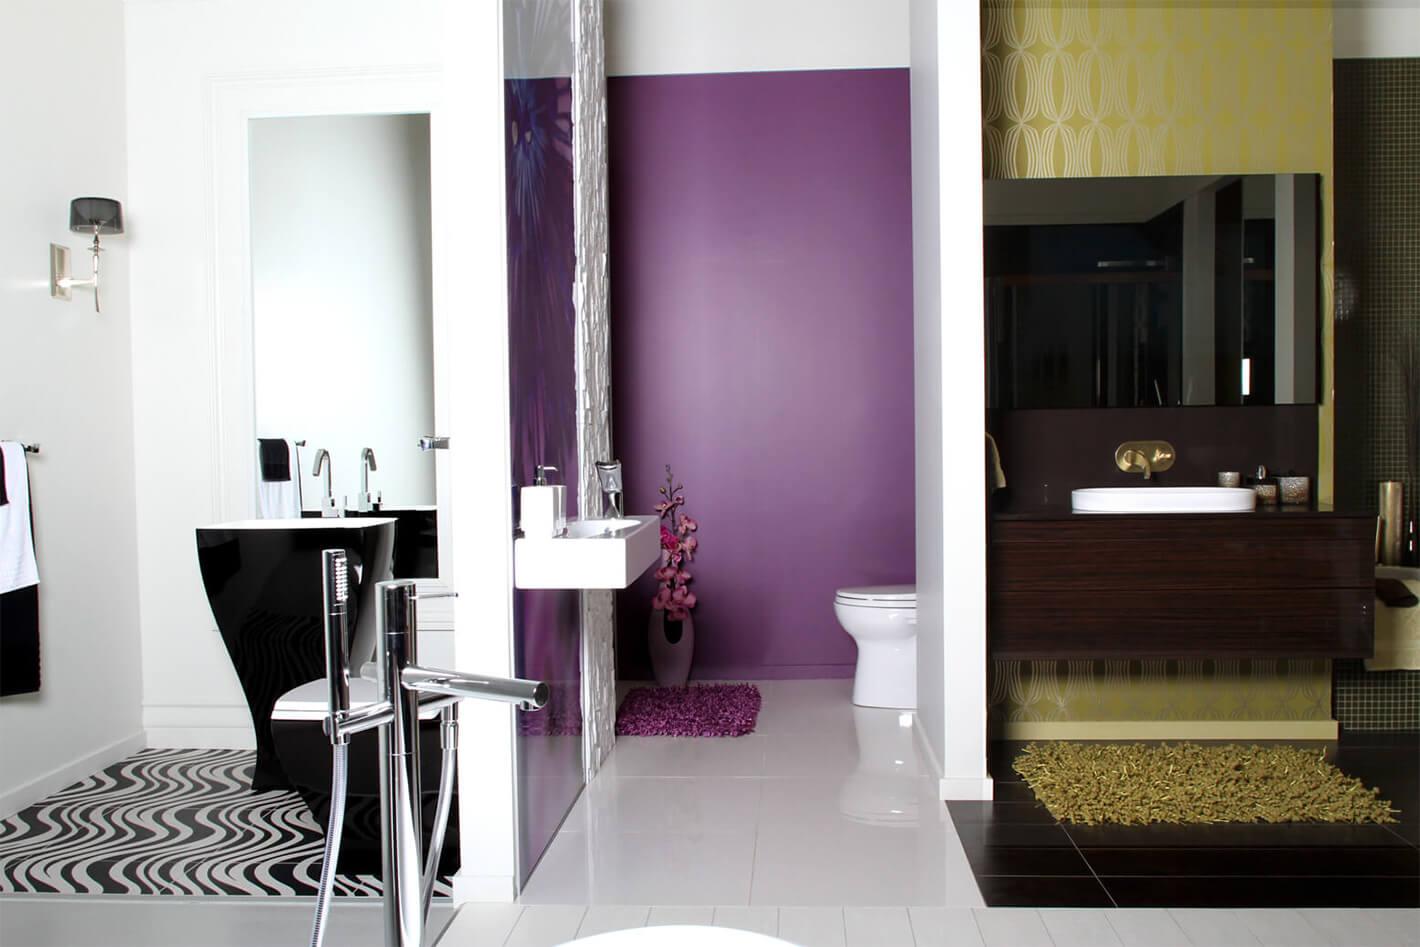 3 salles de bain juxtaposées de style différents mais dont l'agencement cohabite.